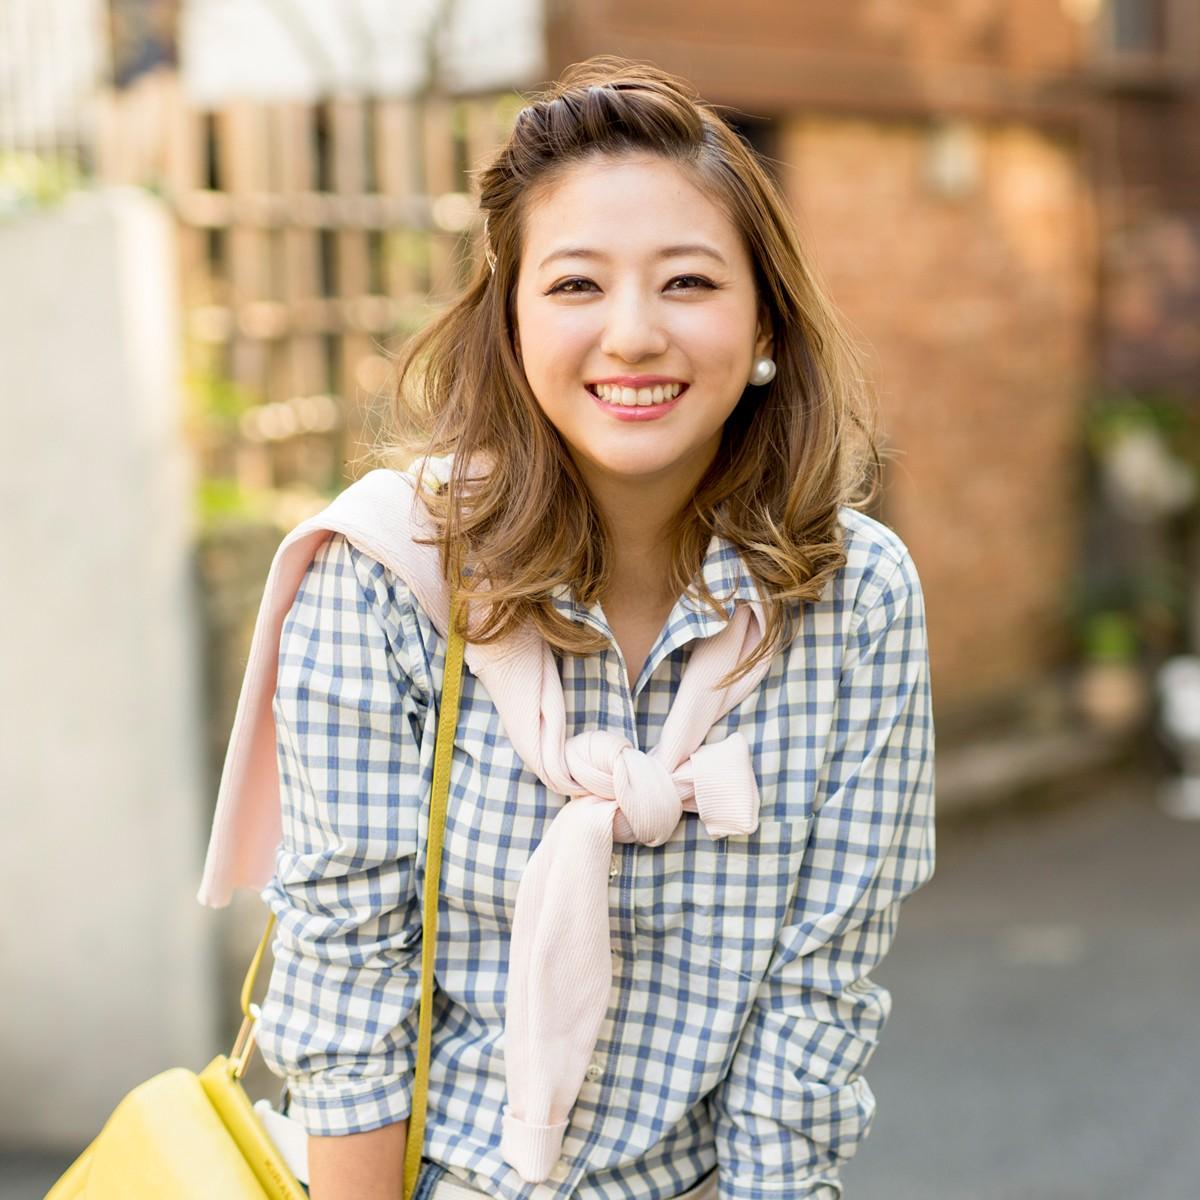 女子が憧れるオシャレリーダー!かわいいを真似したい伊藤千晃さんのサムネイル画像